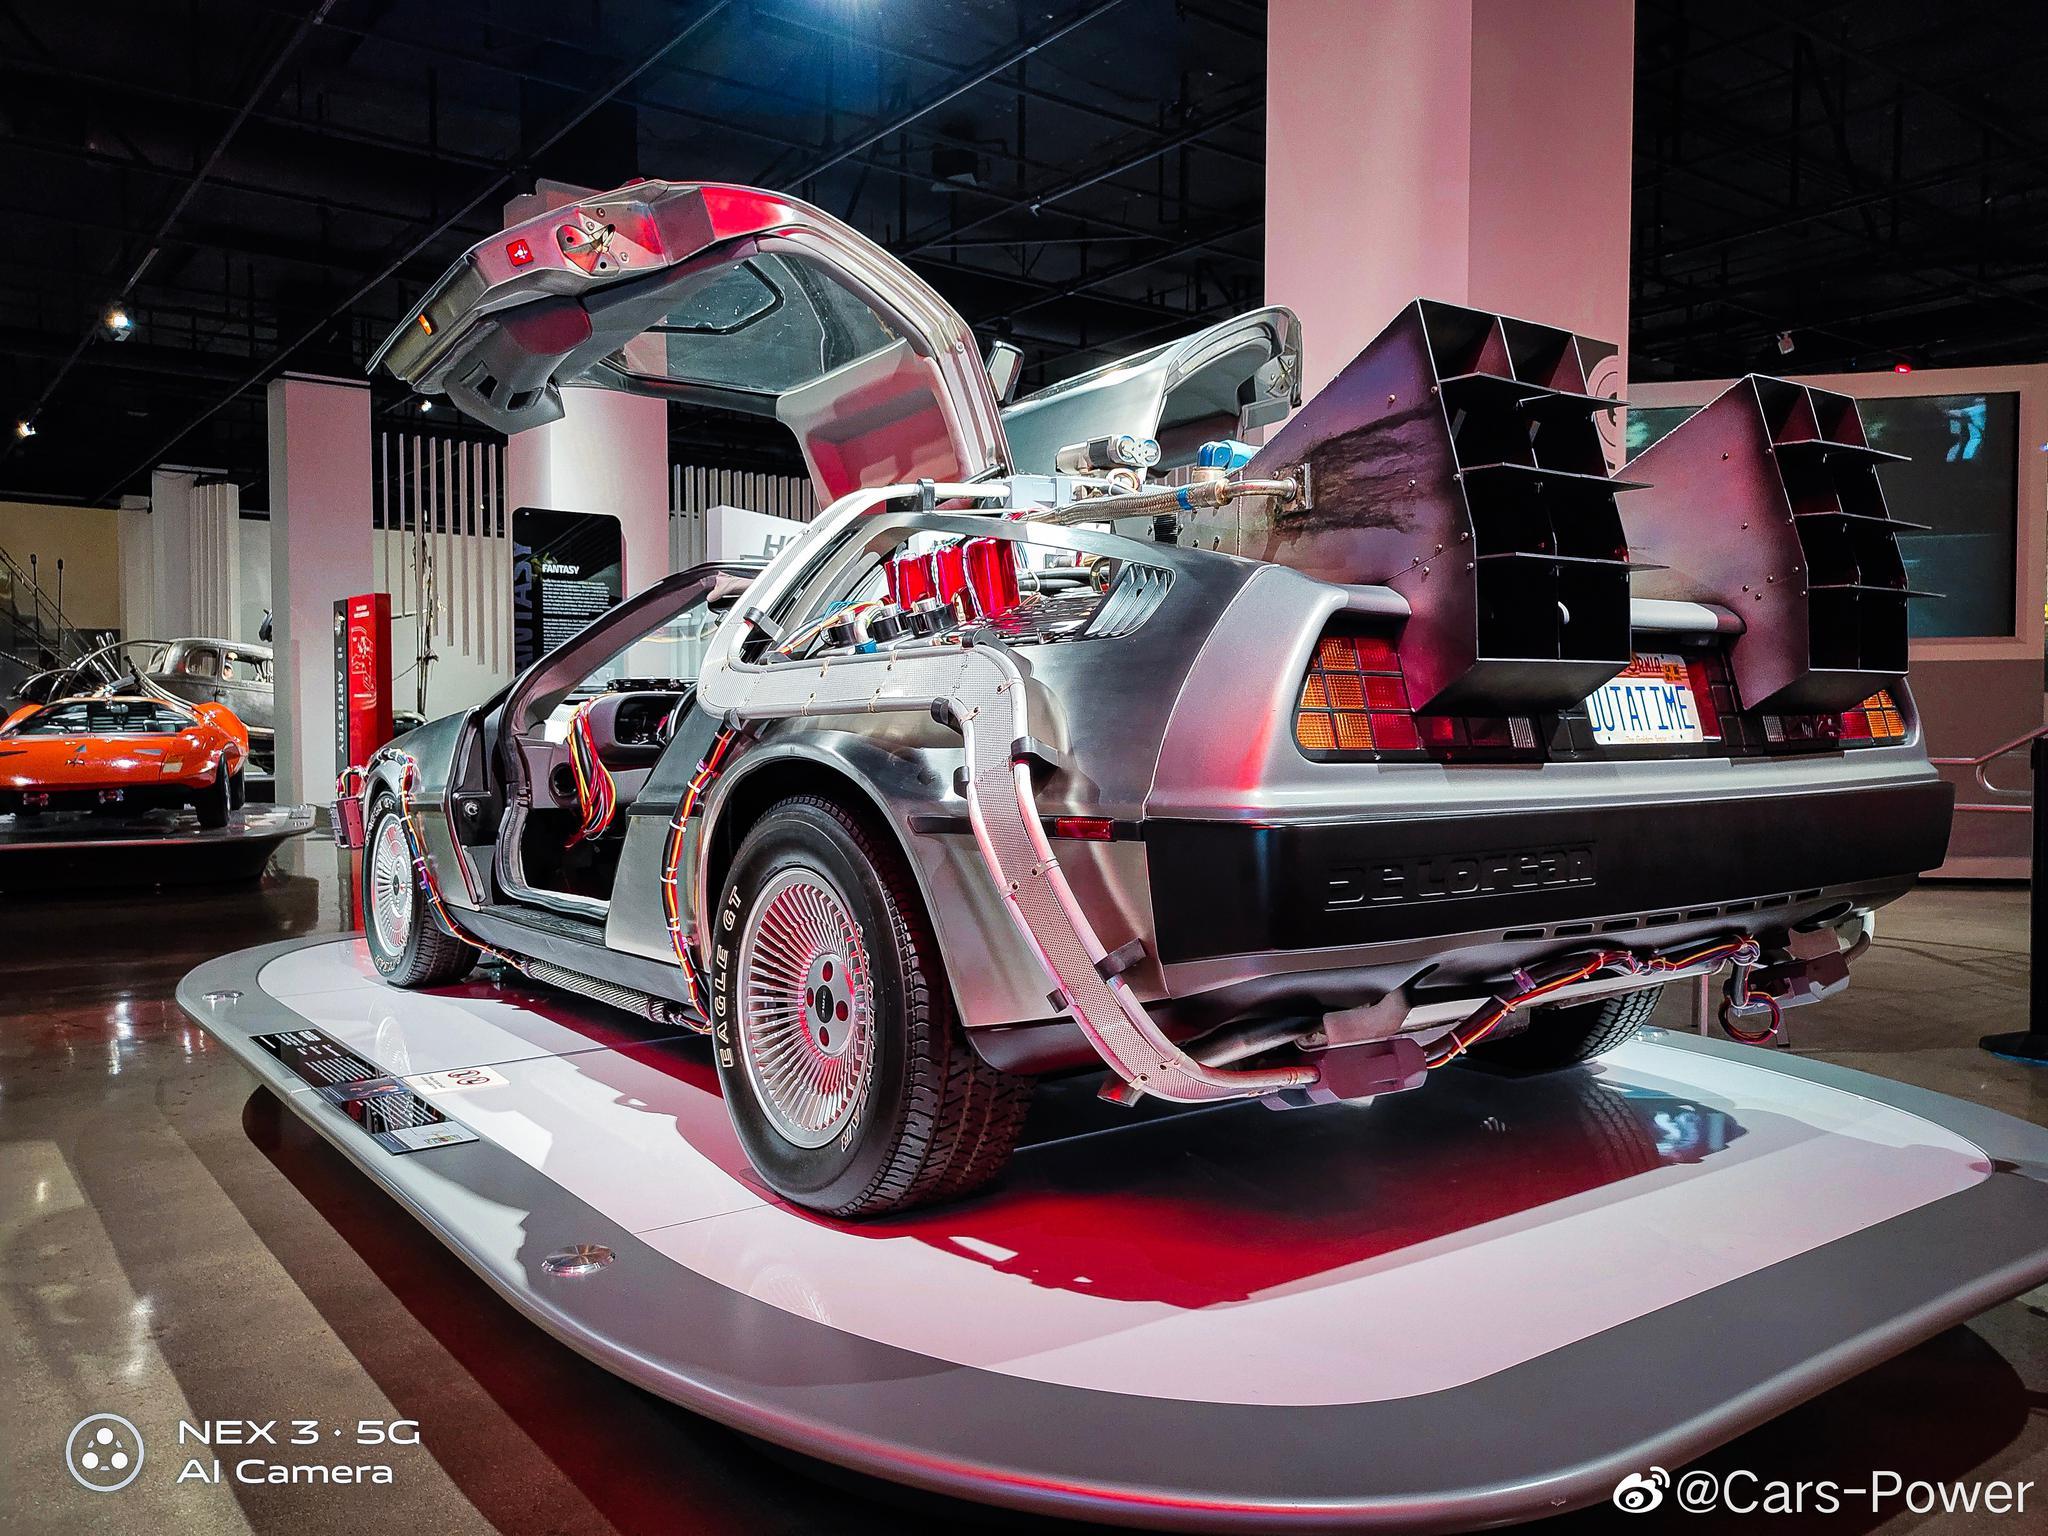 18张高清实拍洛杉矶彼得森汽车博物馆镇馆之宝